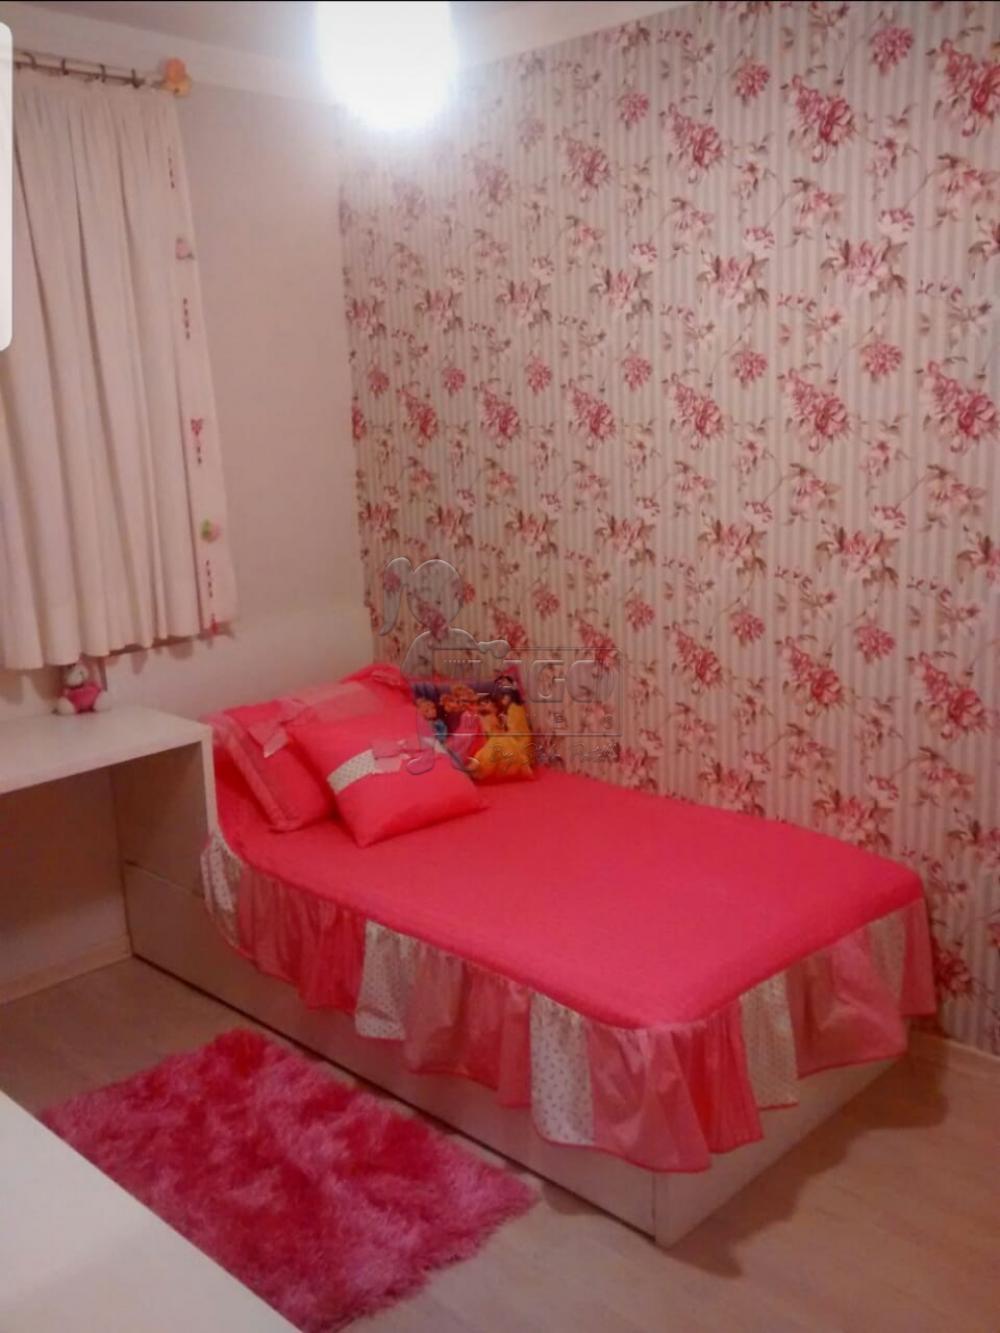 Comprar Apartamento / Padrão em Ribeirão Preto apenas R$ 260.000,00 - Foto 2